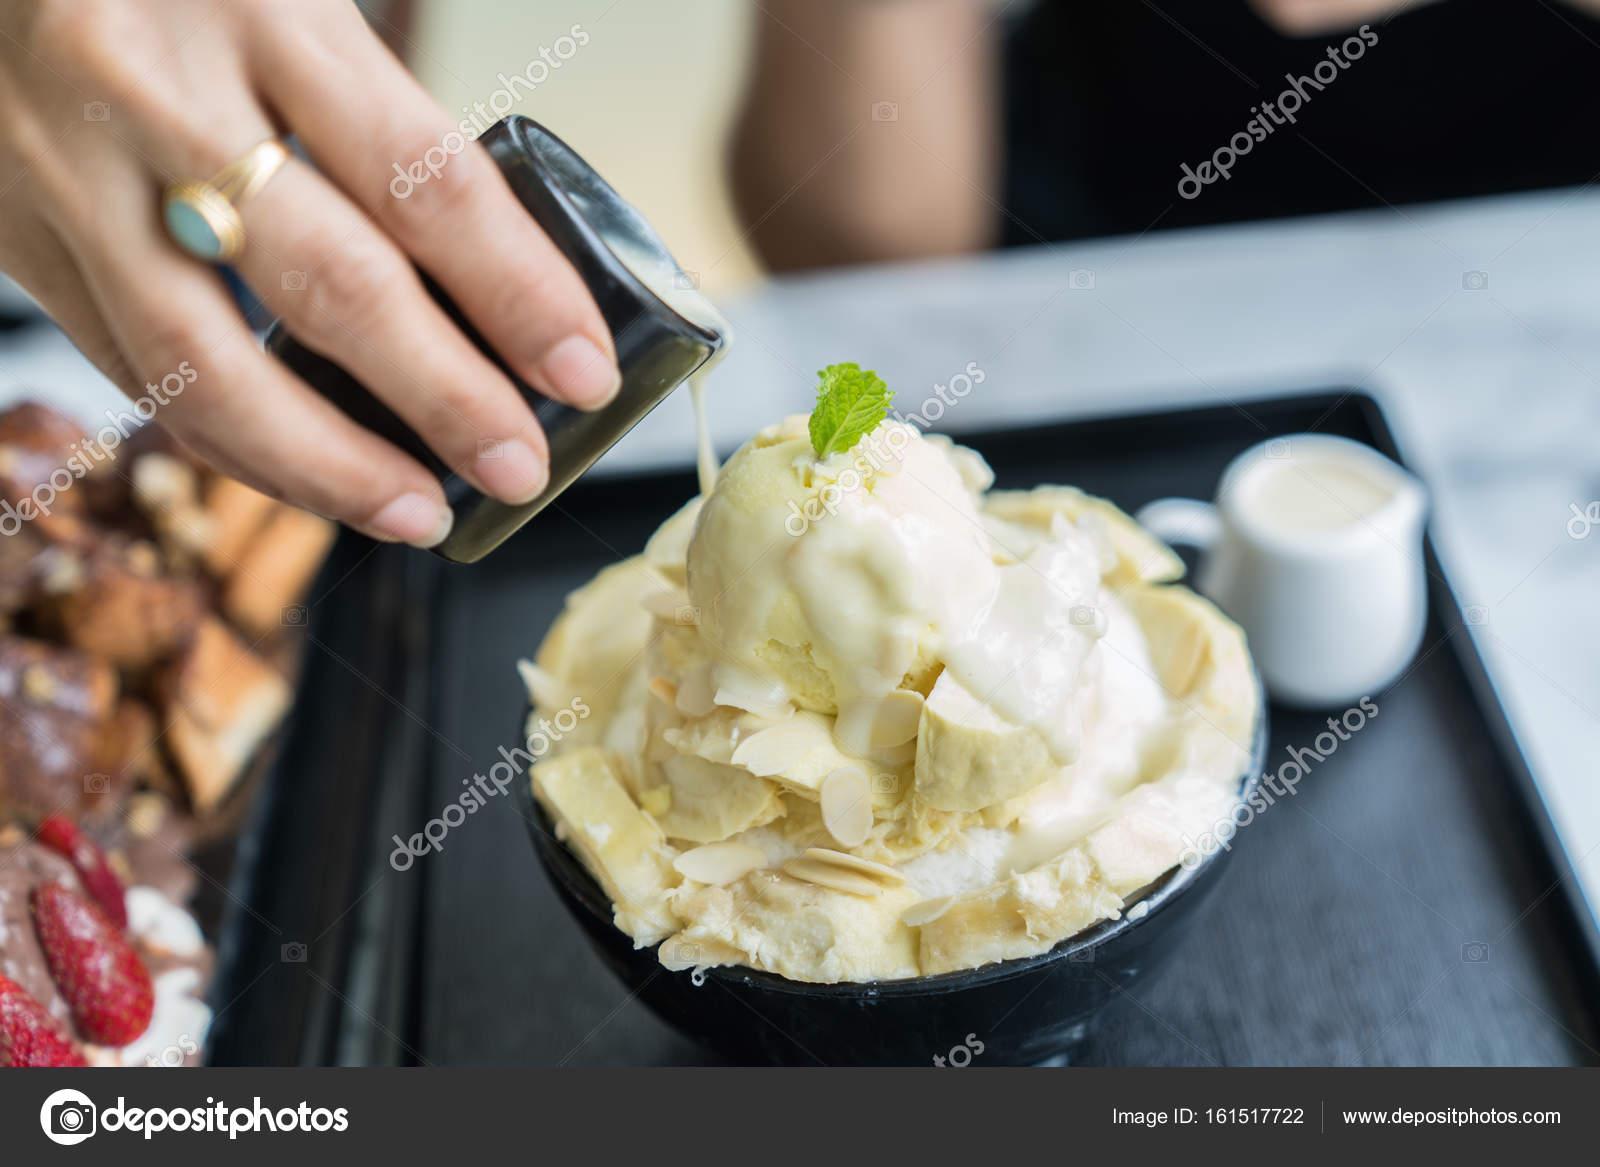 Bingsoo Or Bingsu Korea Dessert Stockfoto C Khajornkiat 161517722